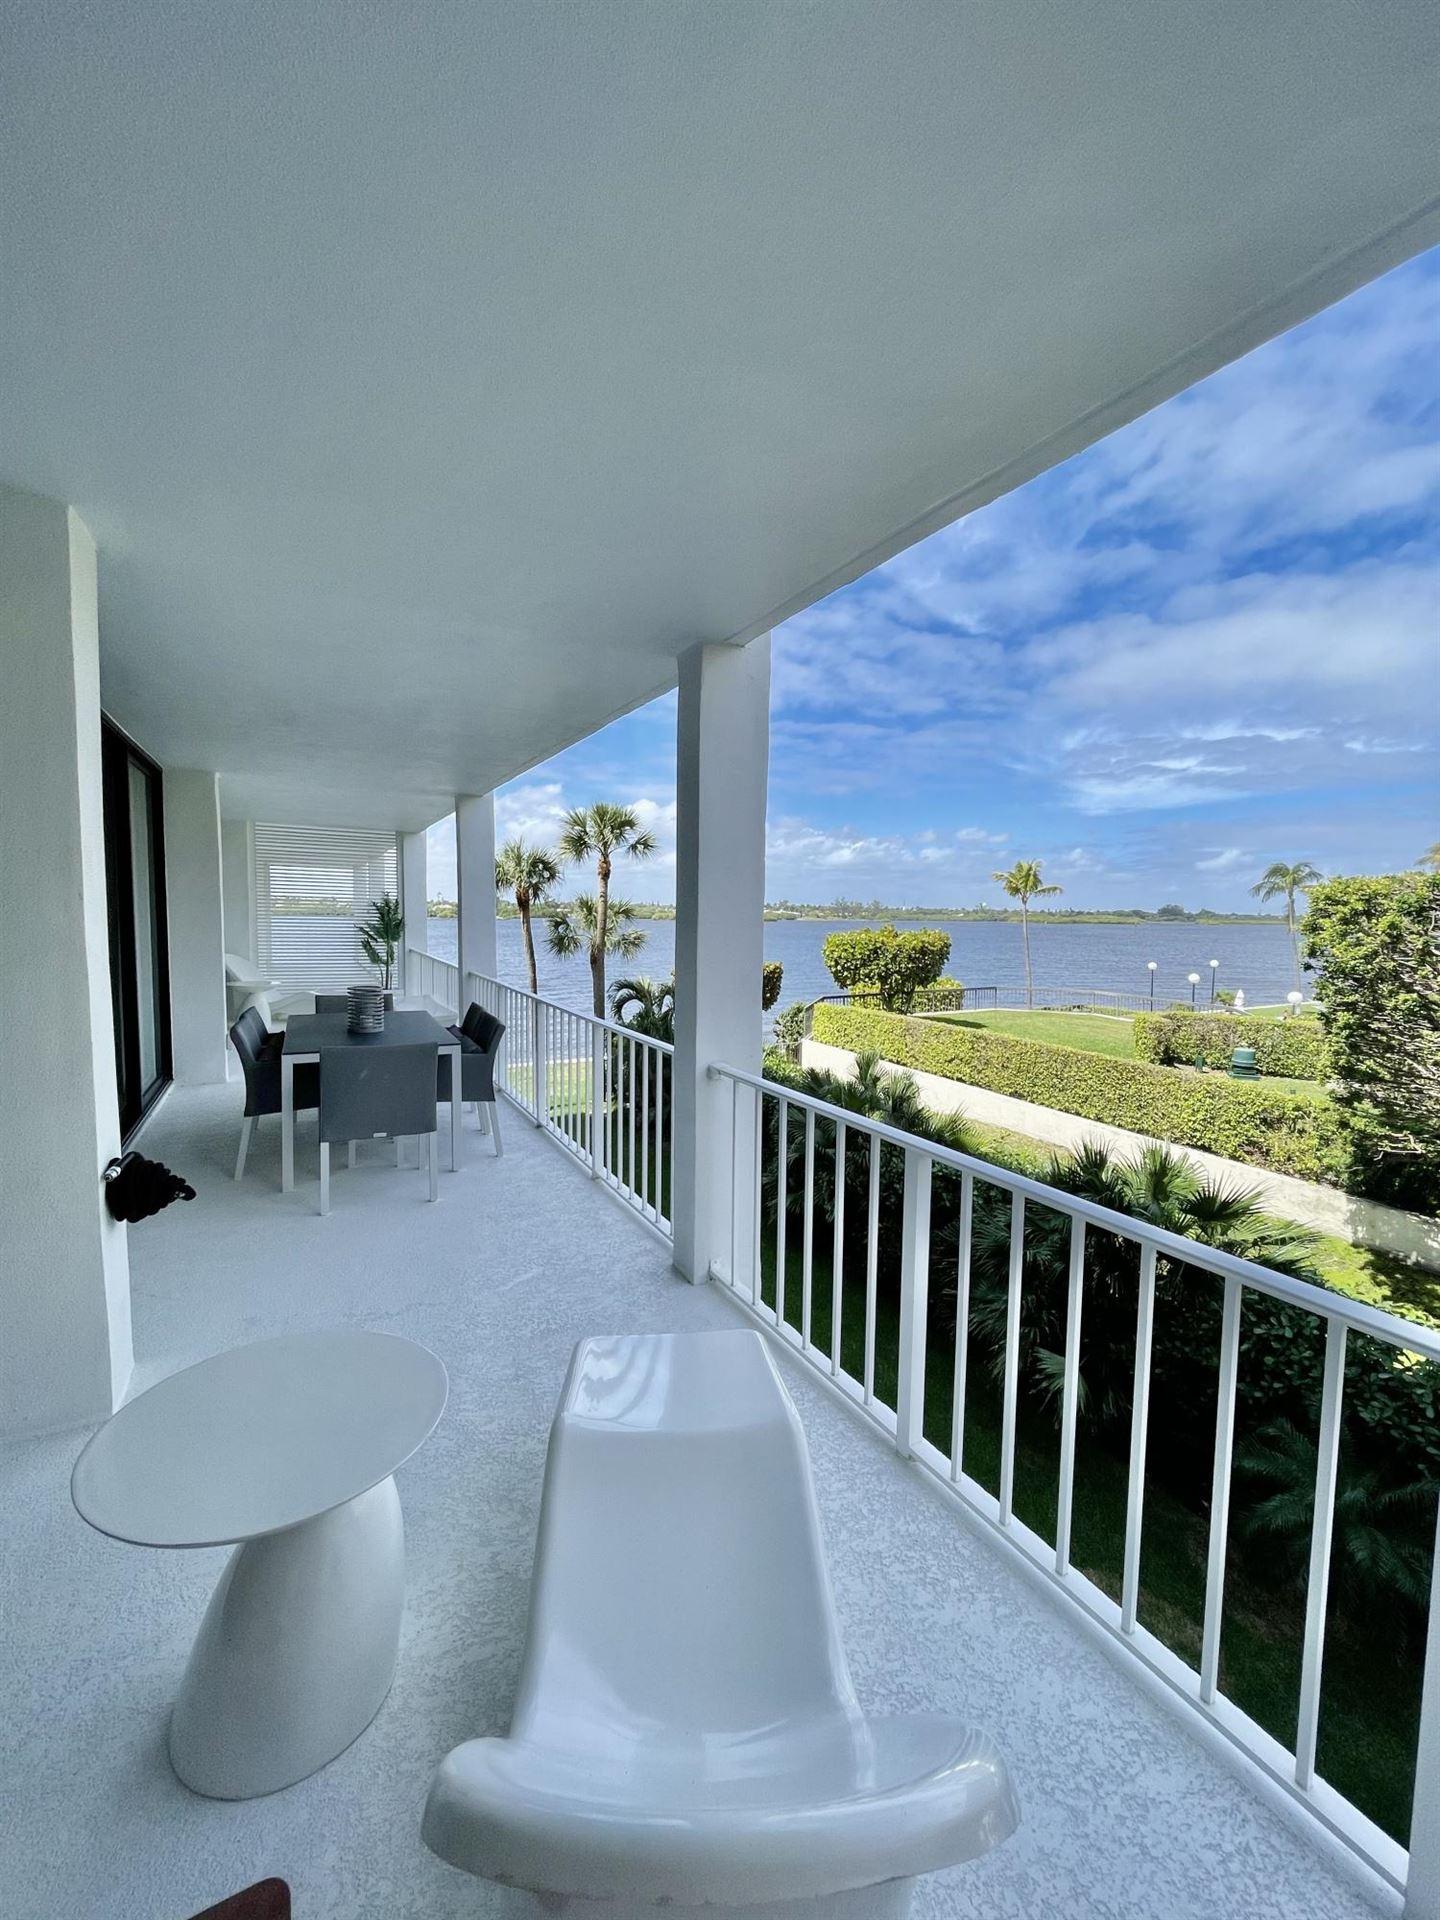 2784 S Ocean 207 N Boulevard #207n, Palm Beach, FL 33480 - #: RX-10675463